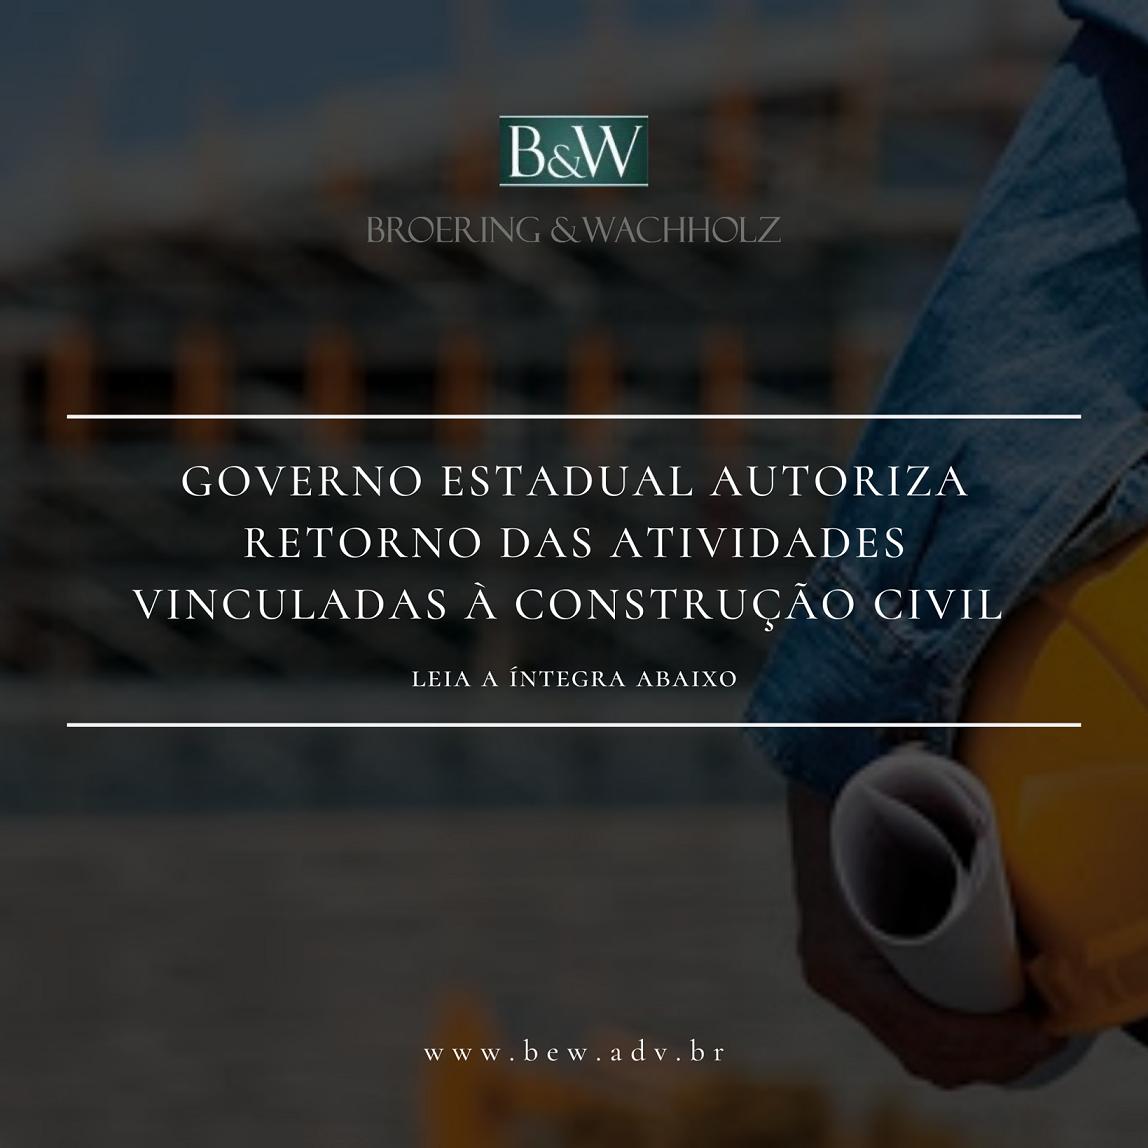 Autorizadas, em todo o território catarinense, as atividades vinculadas a Construção Civil e profissionais liberais.